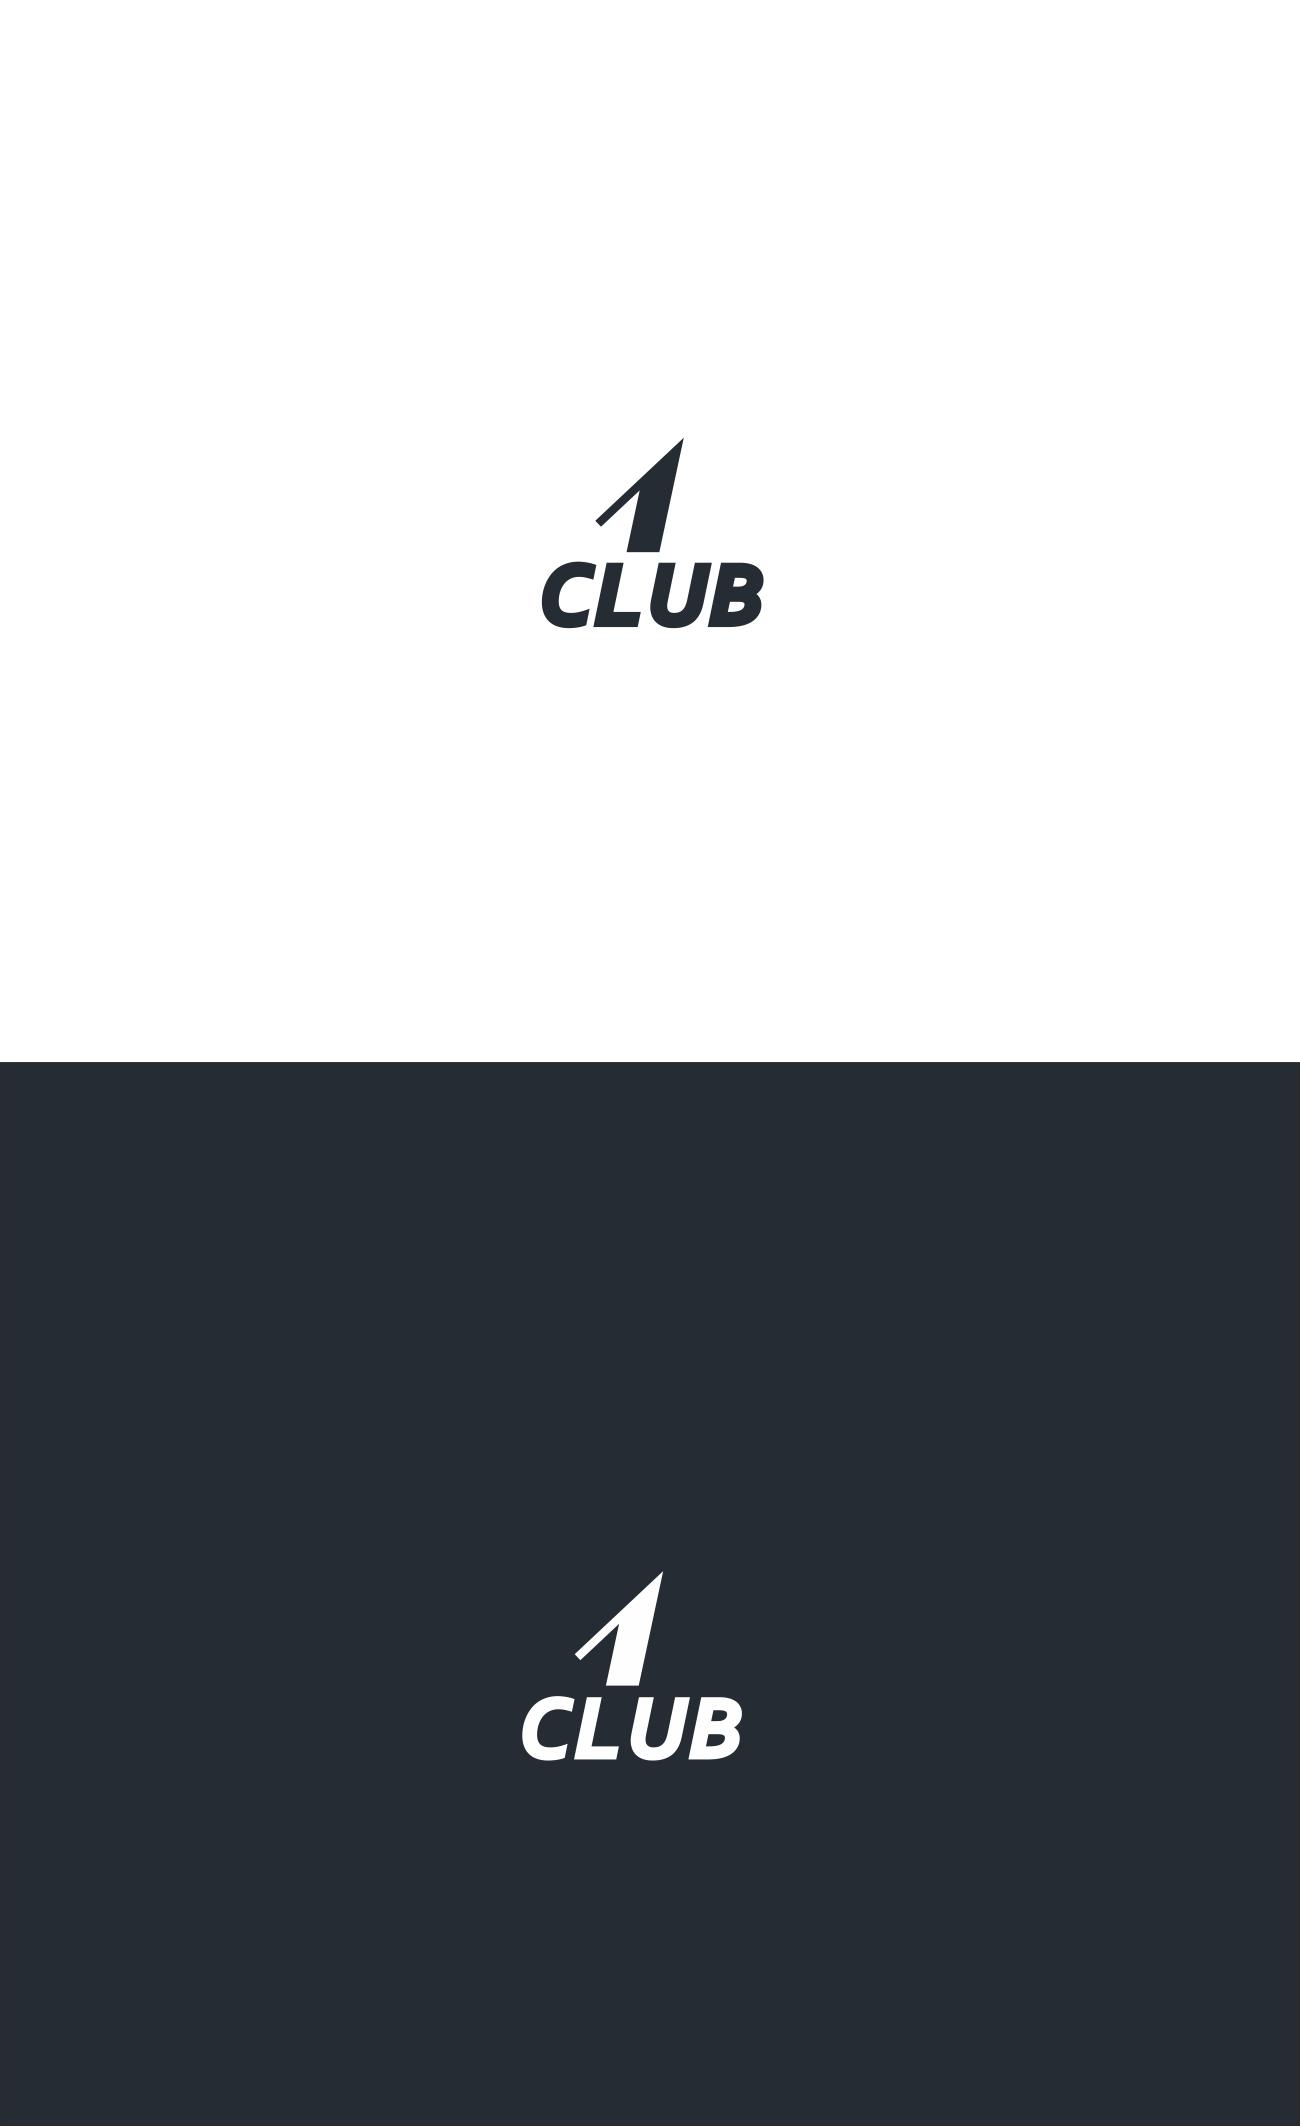 Логотип делового клуба фото f_3645f8846f4df567.jpg